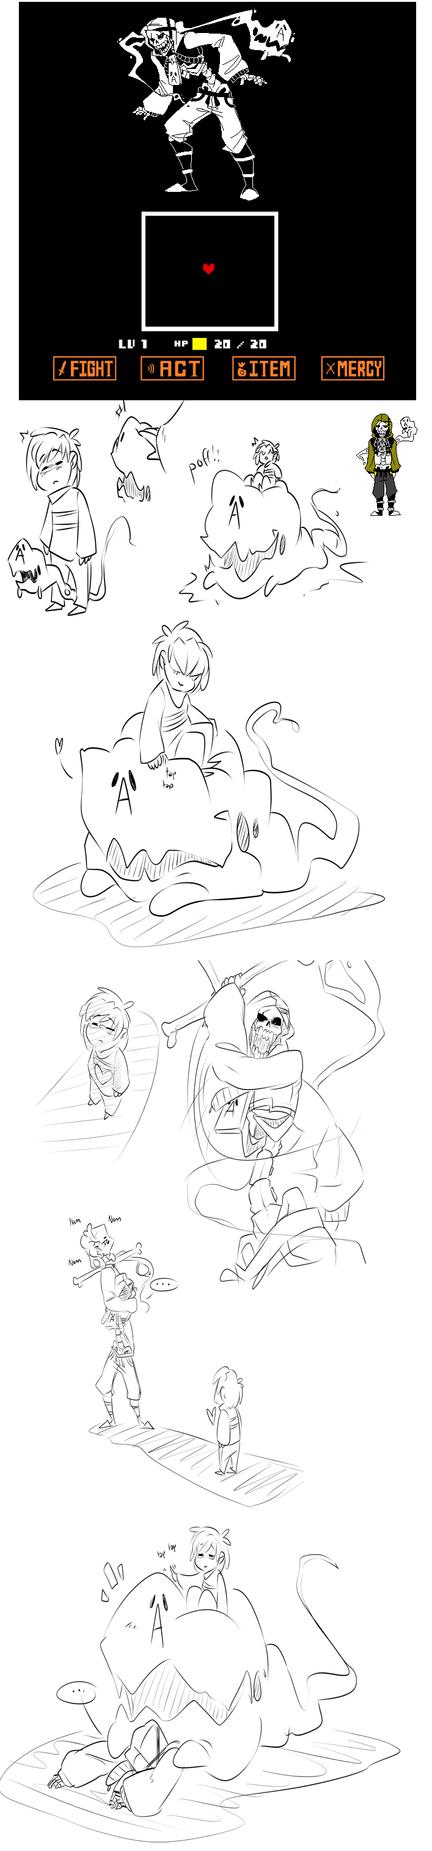 Random Undertale oc drawings by BlasticHeart